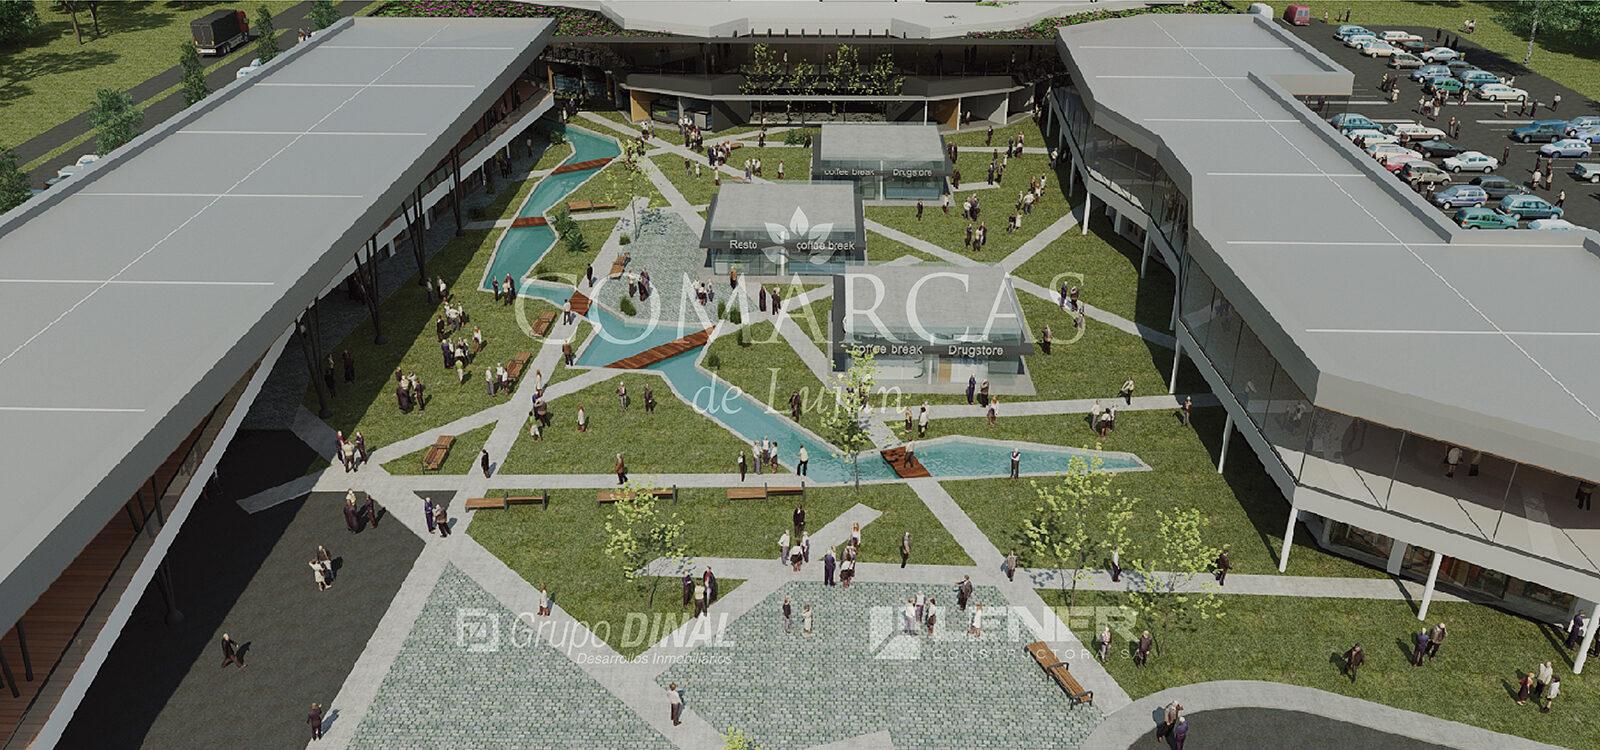 Open Mall Comarcas de Luján